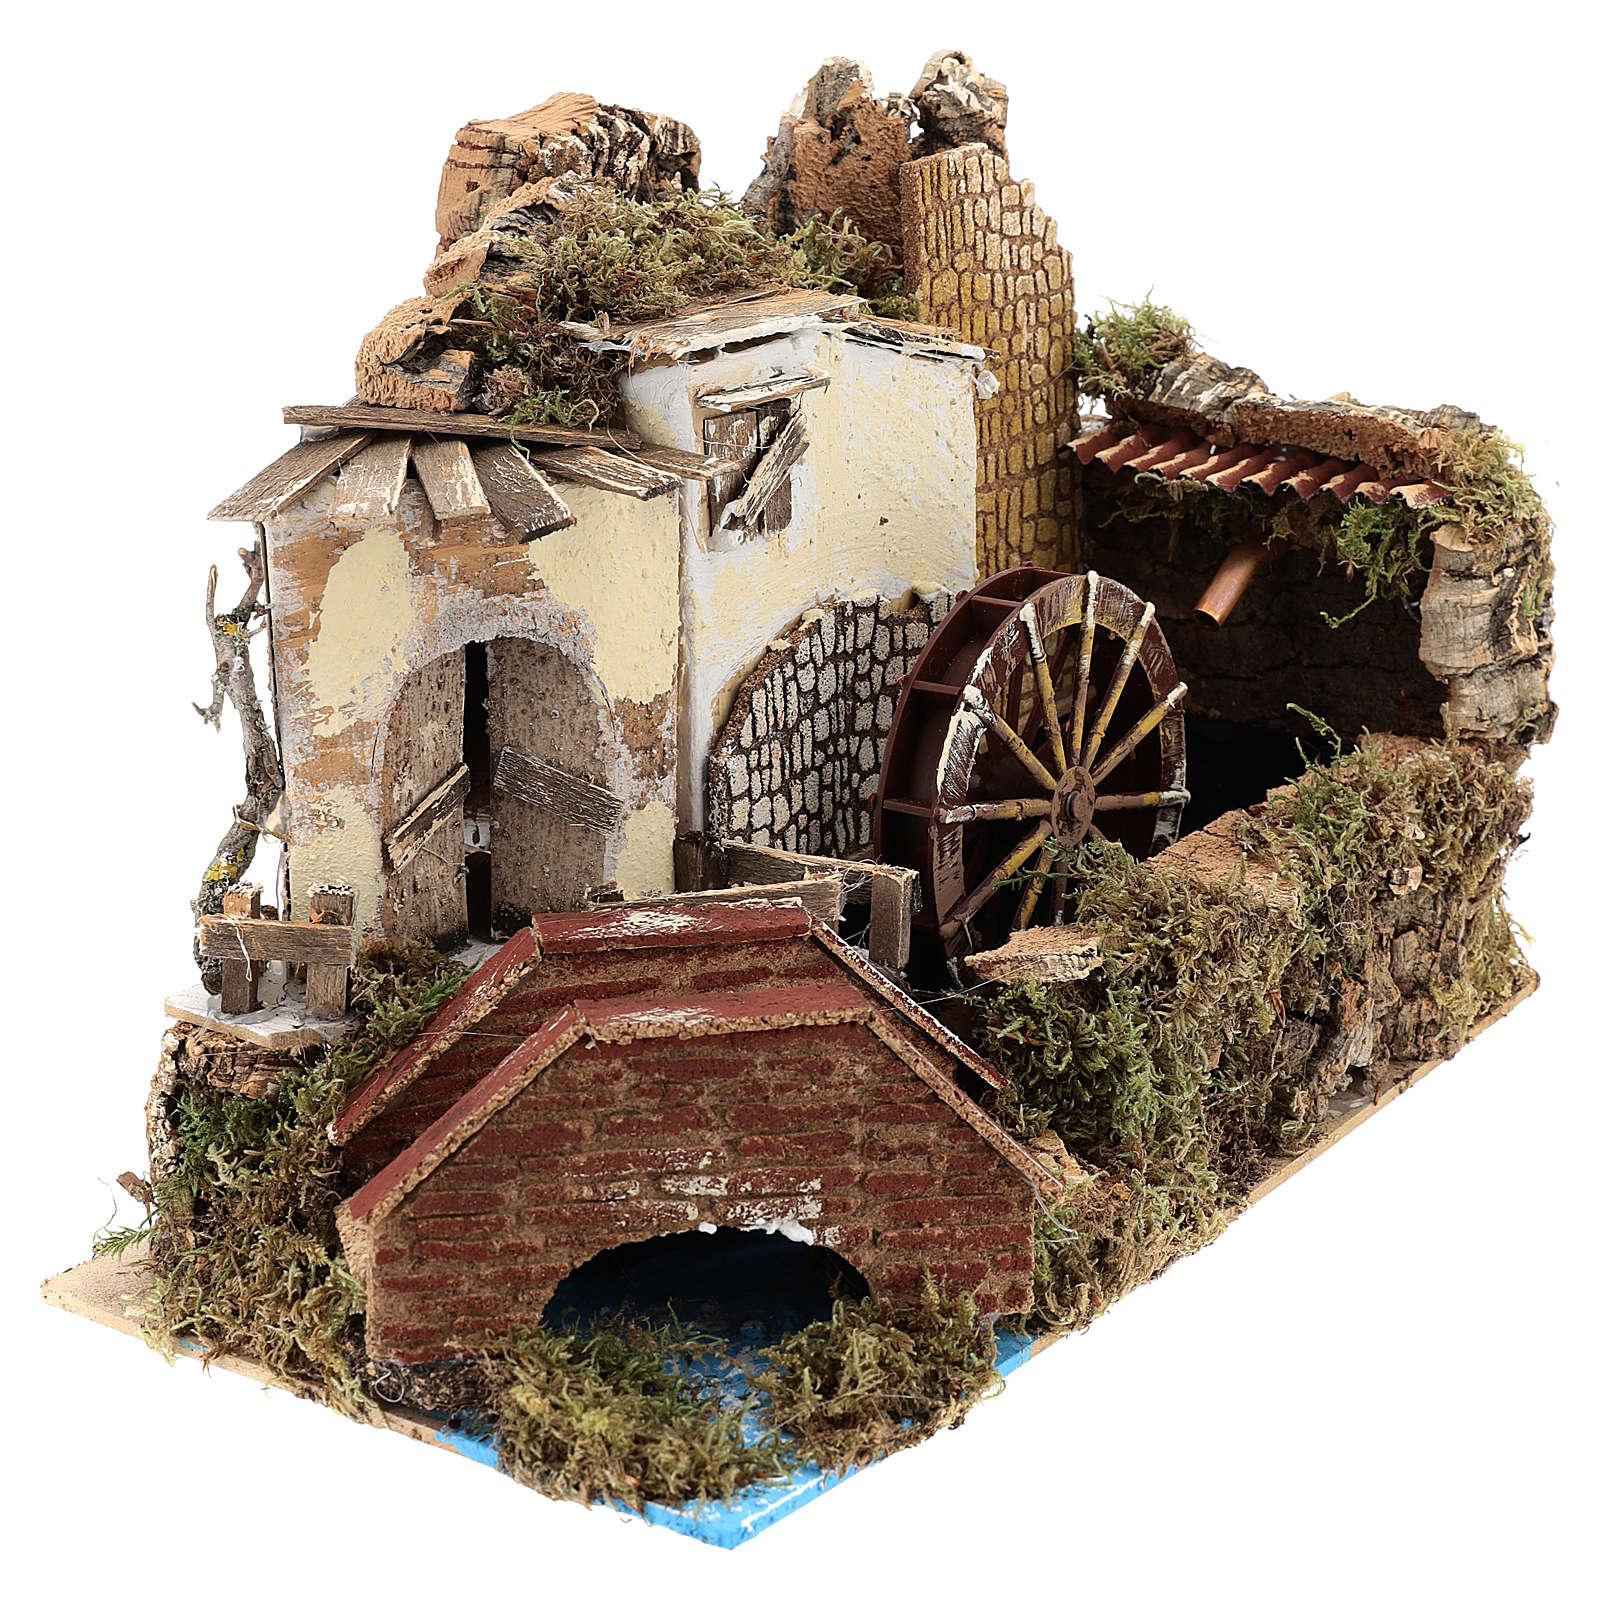 Moulin à eau avec pompe 20x30x20 cm 4